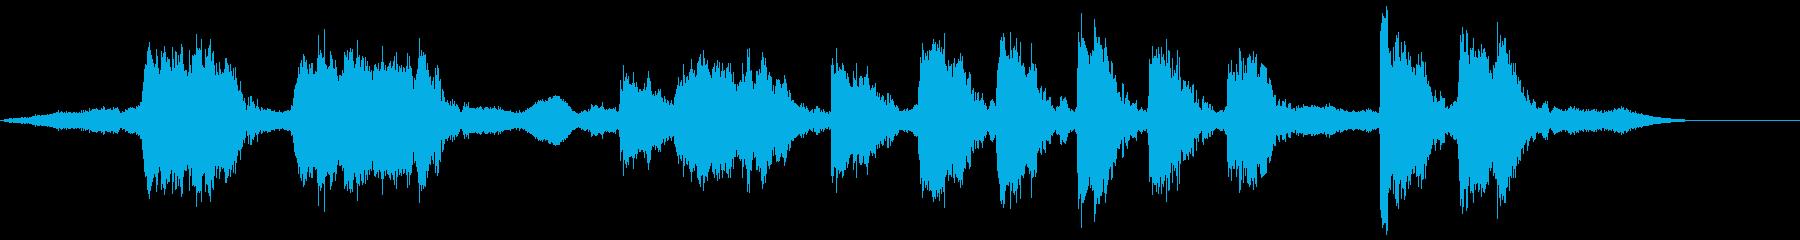 キュイーーンキュイーーンギリギリの再生済みの波形